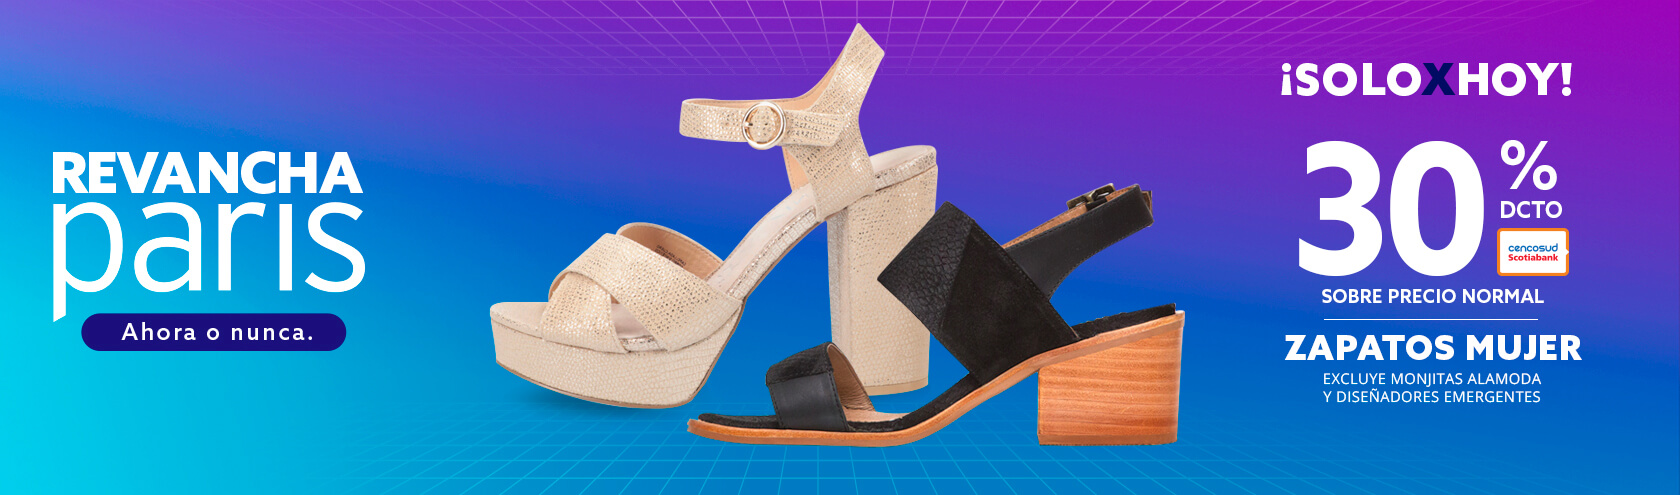 Zapatos Mujer 30 porciento de descuento con Tarjeta Excluye monjitas a la moda y diseñadores emergentes Sobre Precio Normal